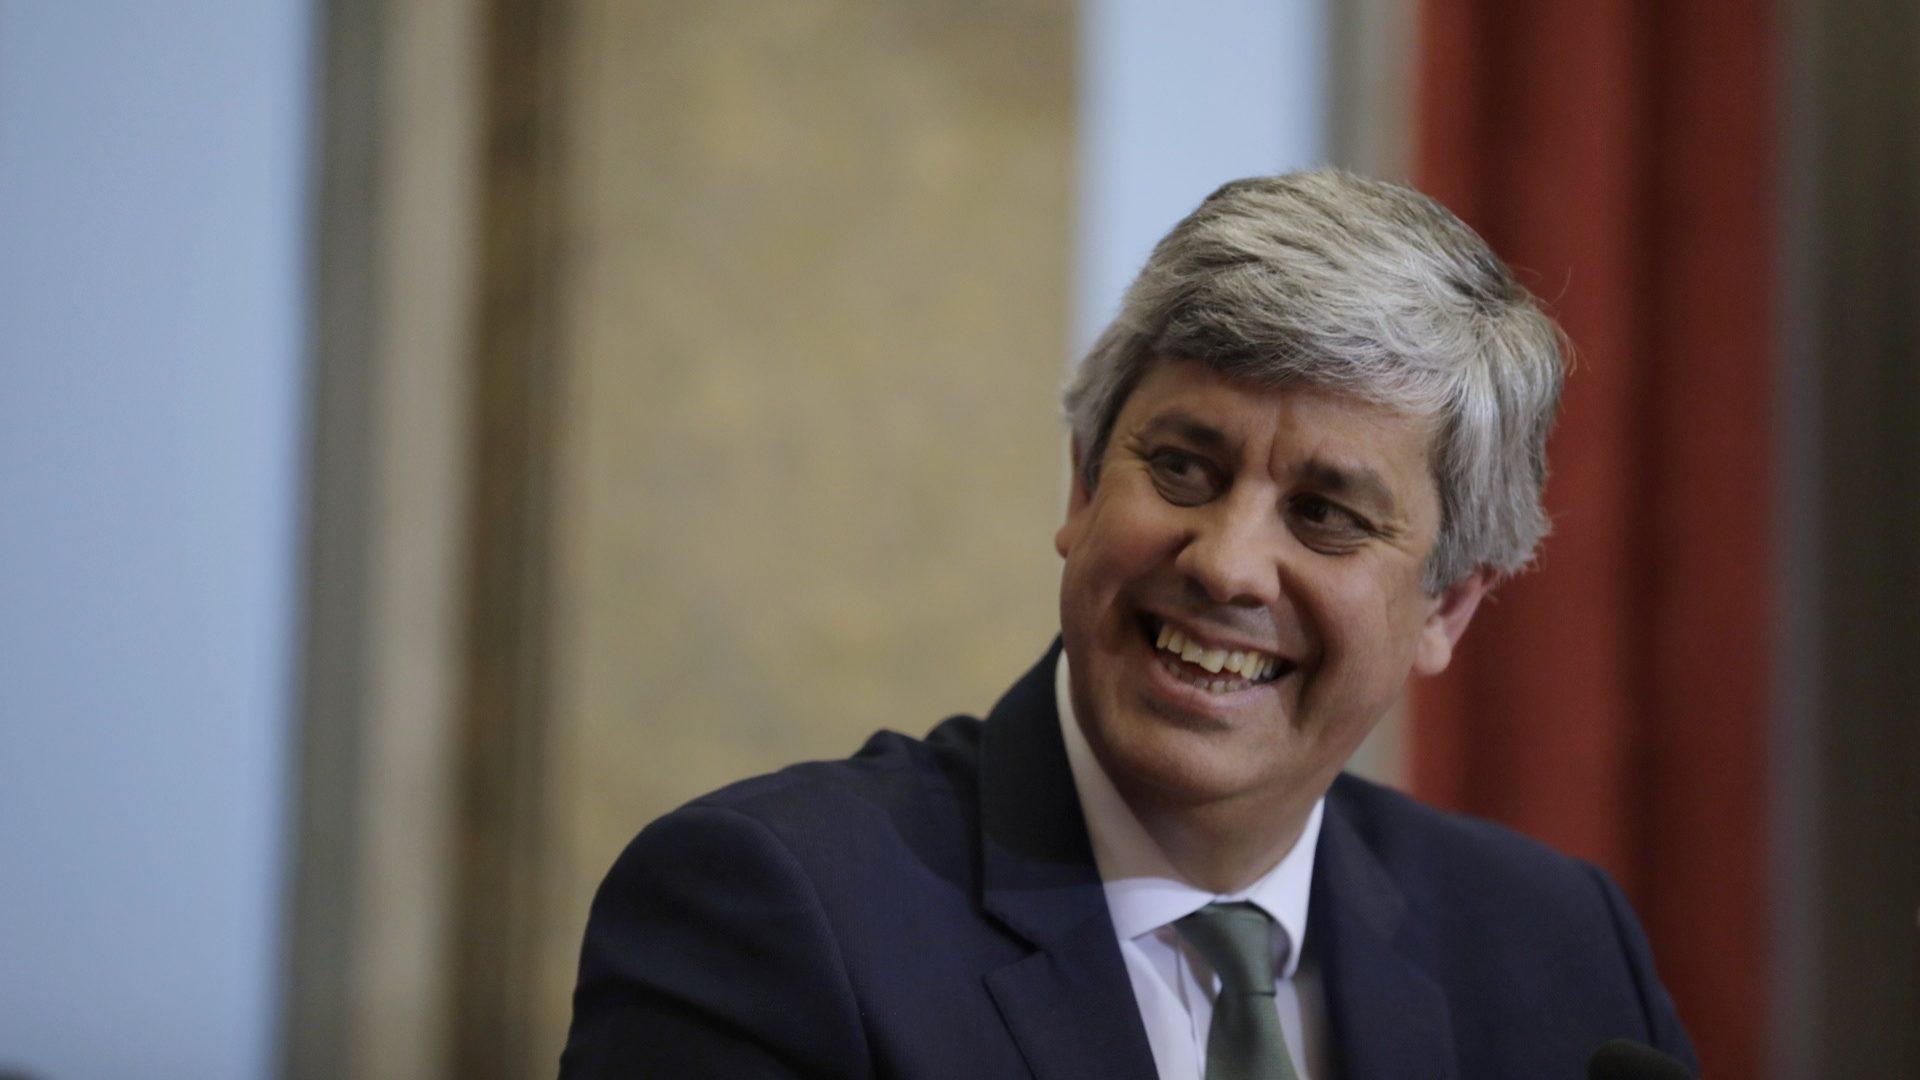 Mário Centeno destaca vontade do PS de estar no centro da construção europeia